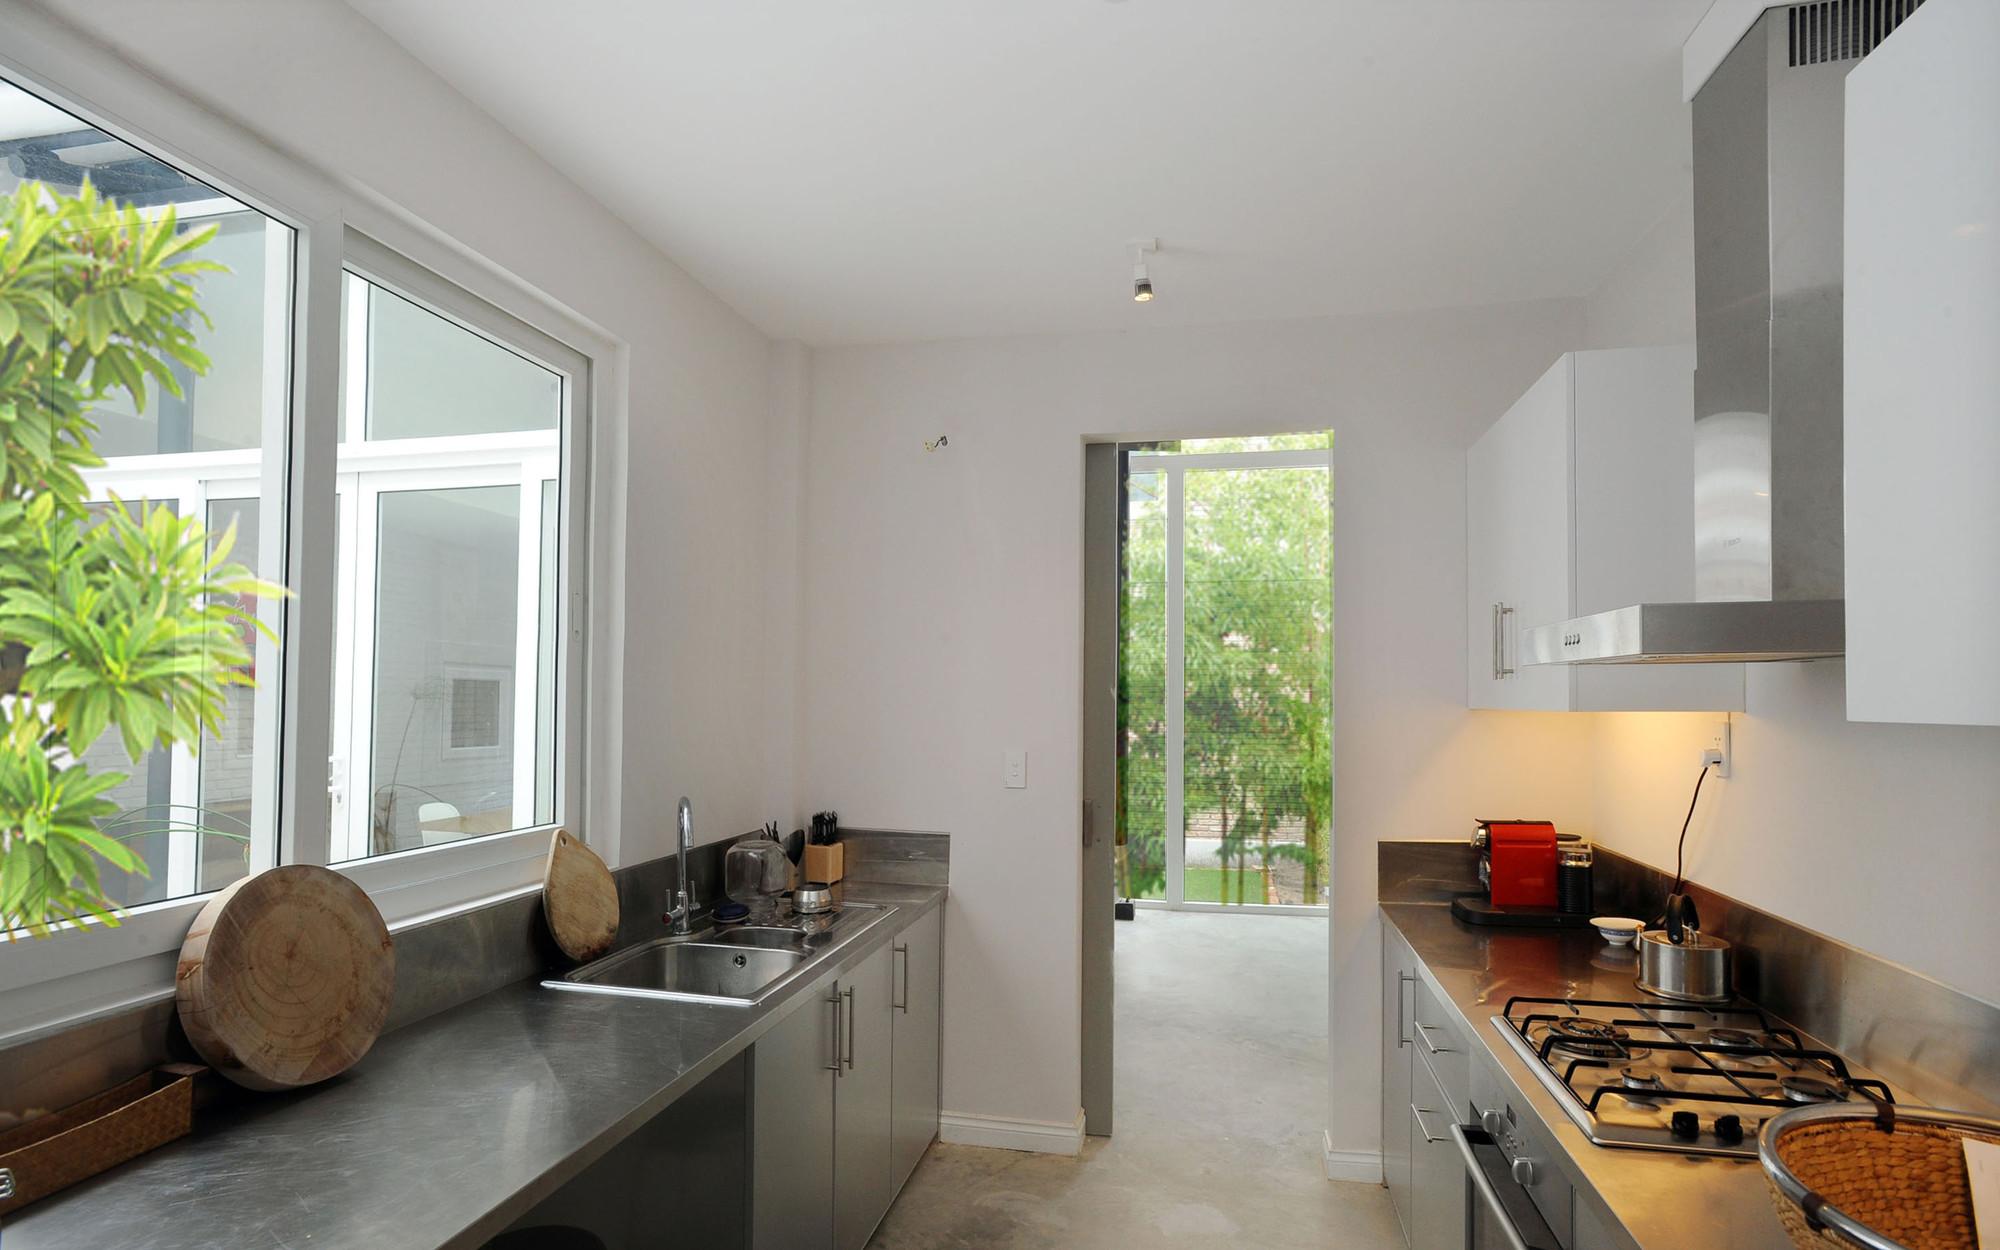 Nhadepvietnam ModernTubeHouse 10 - Modern Tube House - Nhà ống hiện đại với nhiều khoảng xanh phá cách